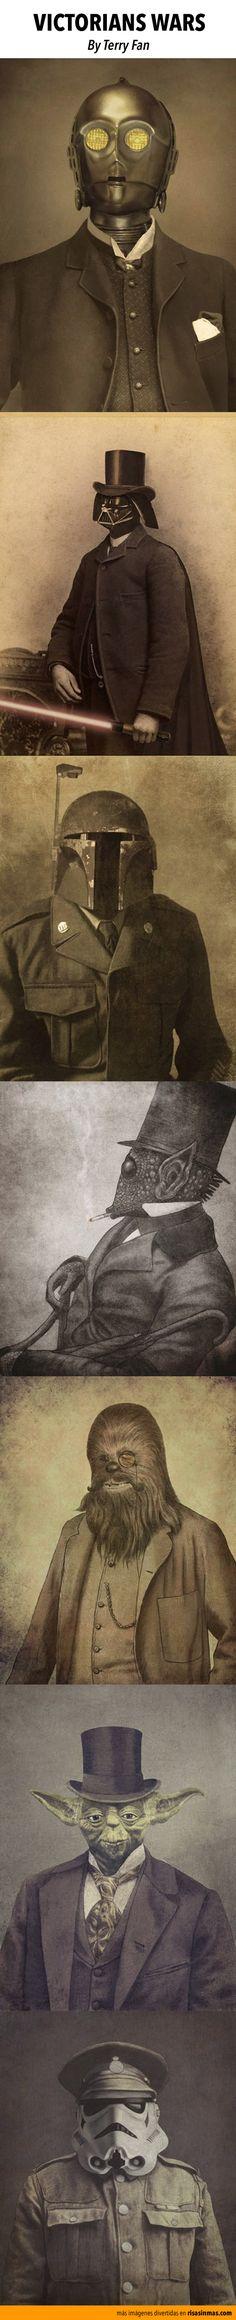 Victorian Wars. By Terry Fan.